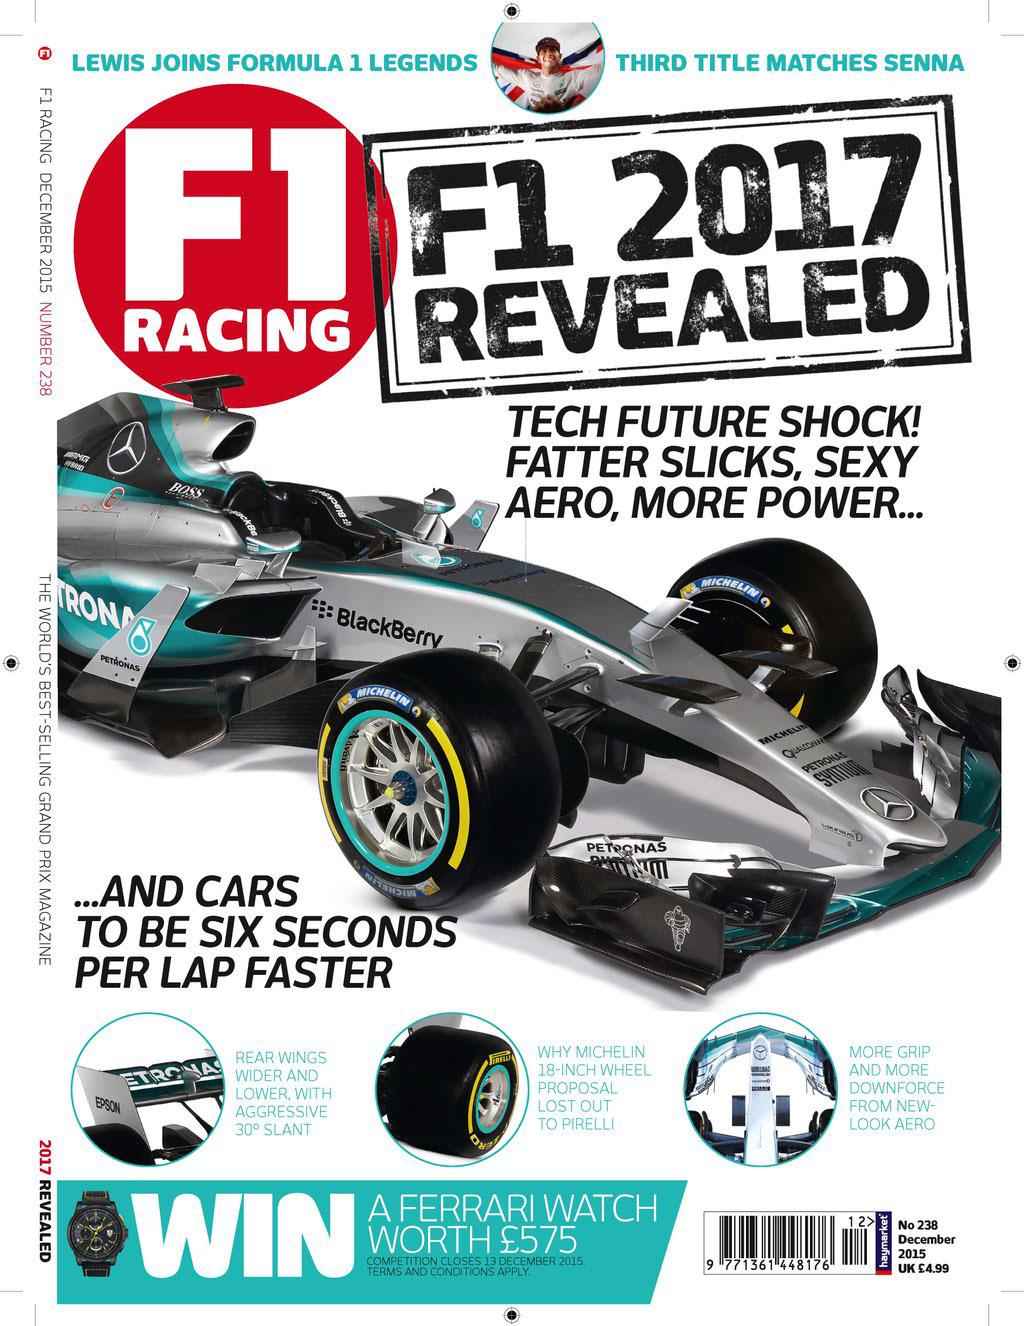 2017 Formula One season